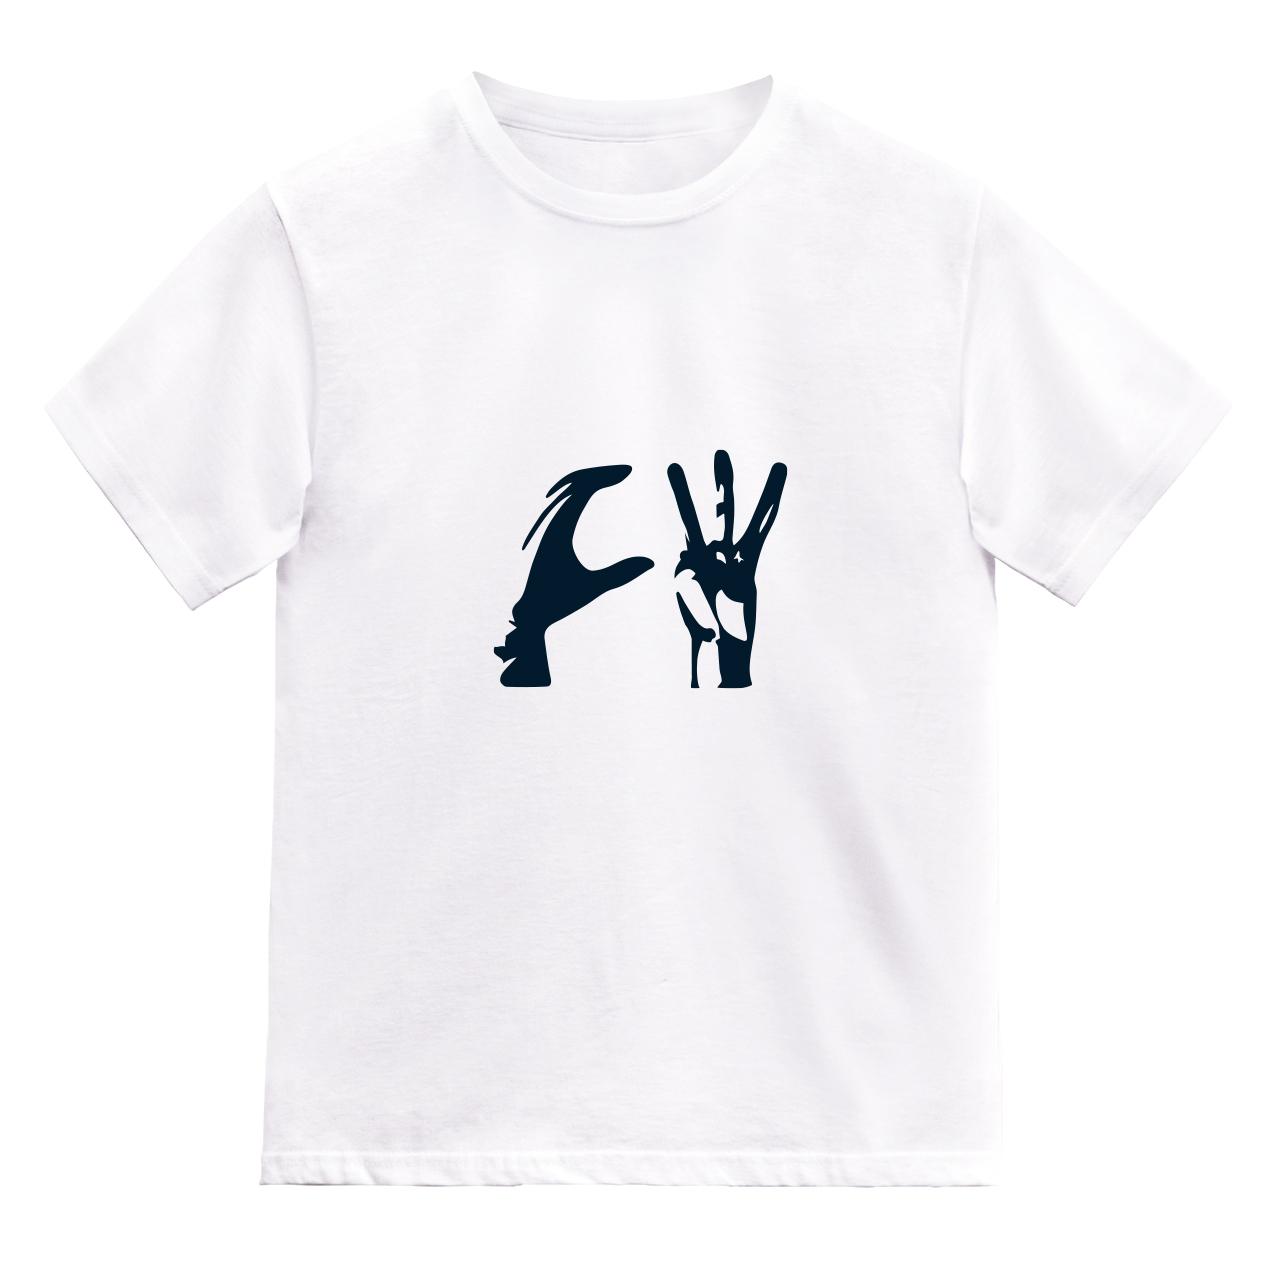 CW ハンドサイン Tシャツ